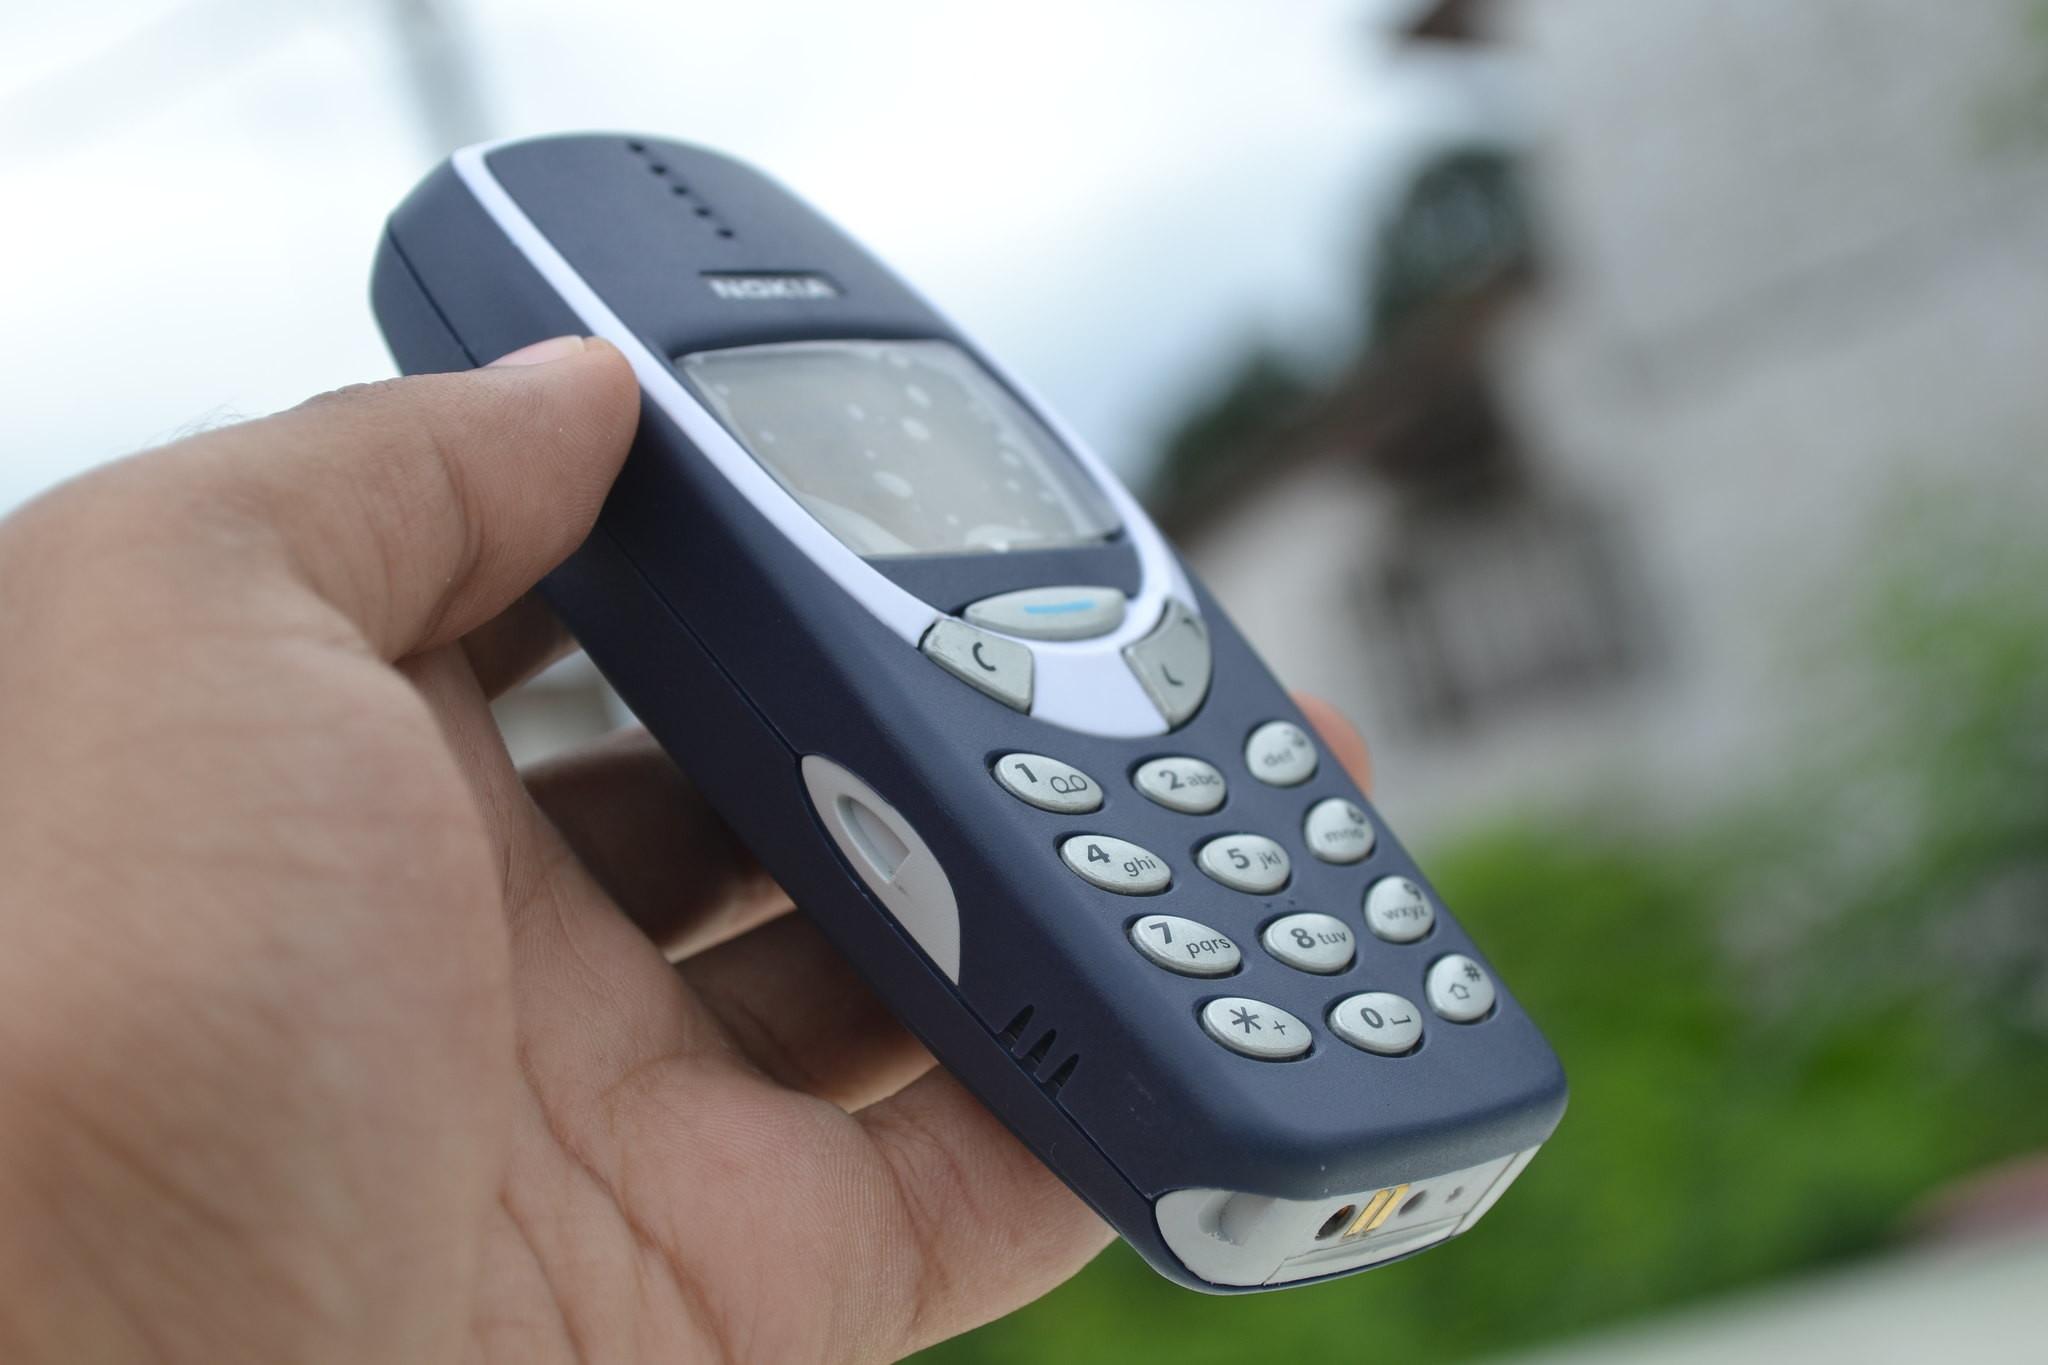 nokia 3310 telefono ano 2000 smartización